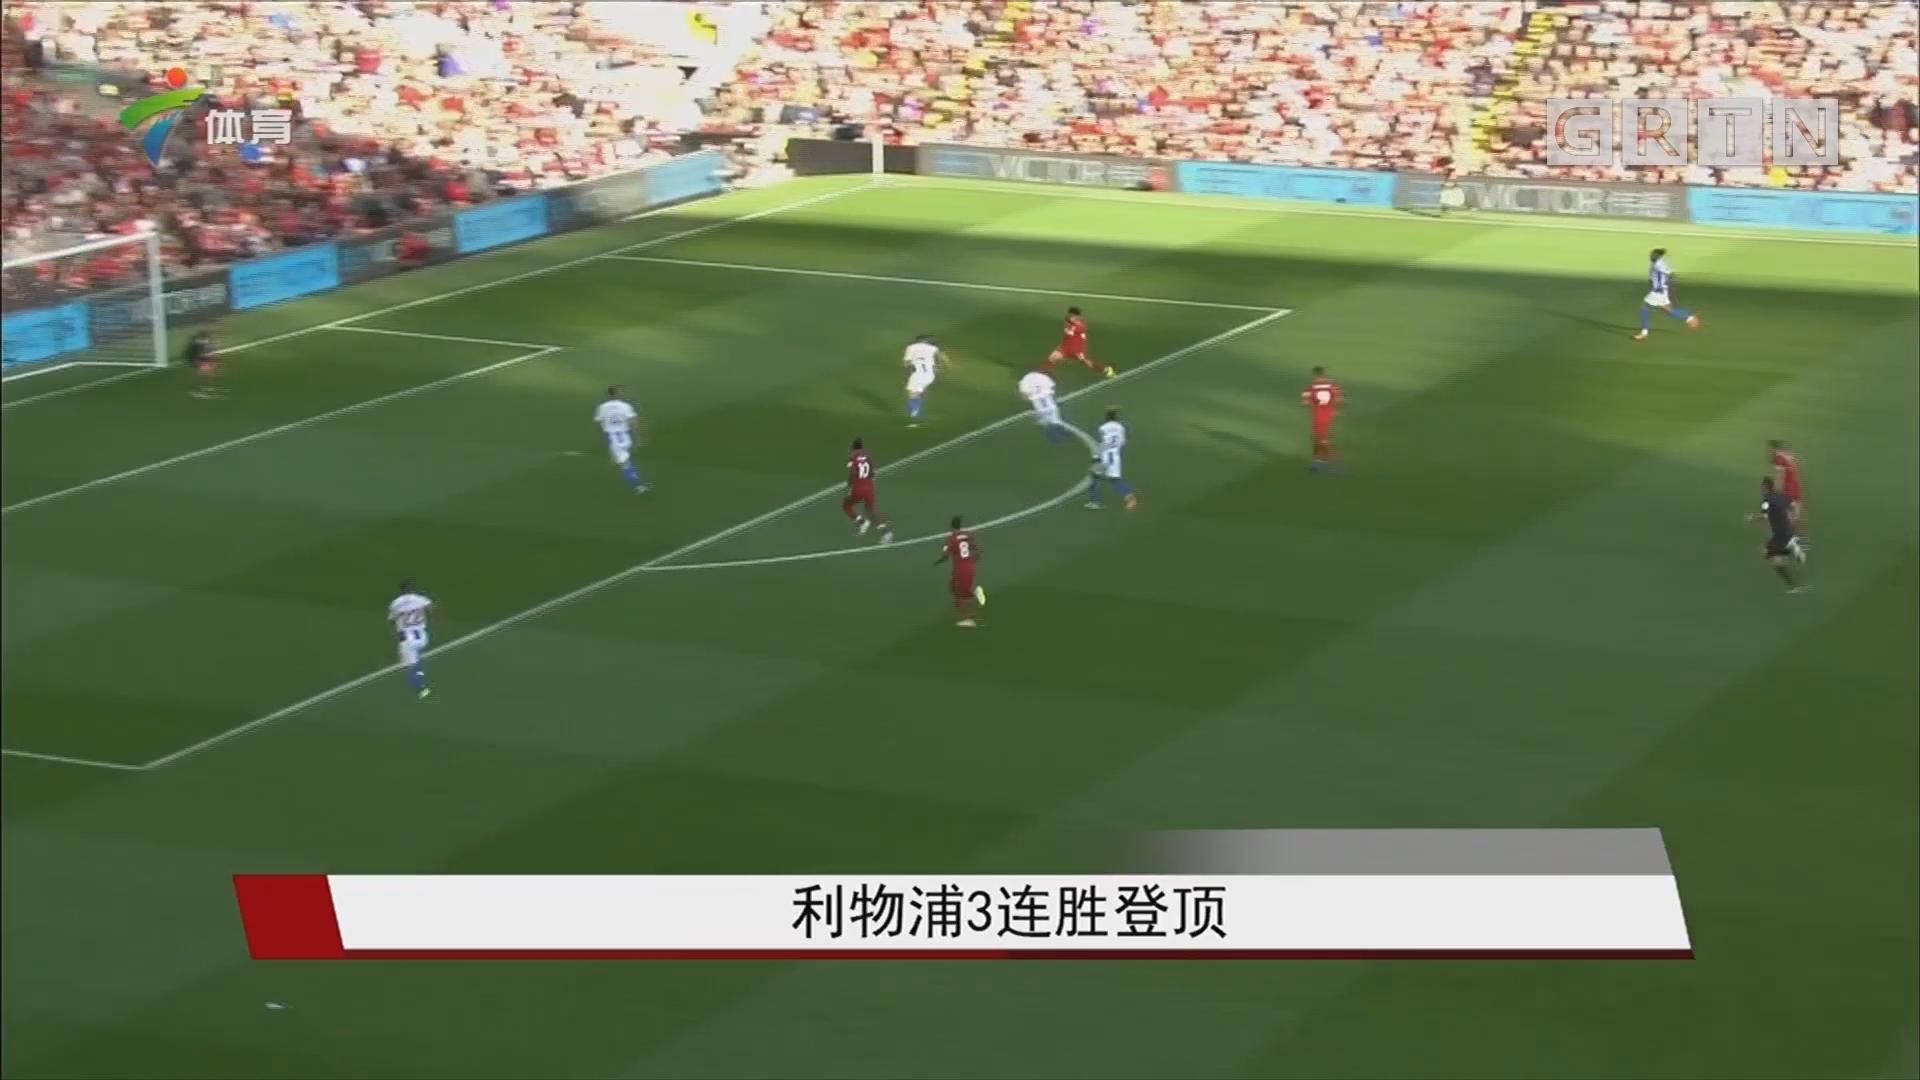 利物浦3连胜登顶